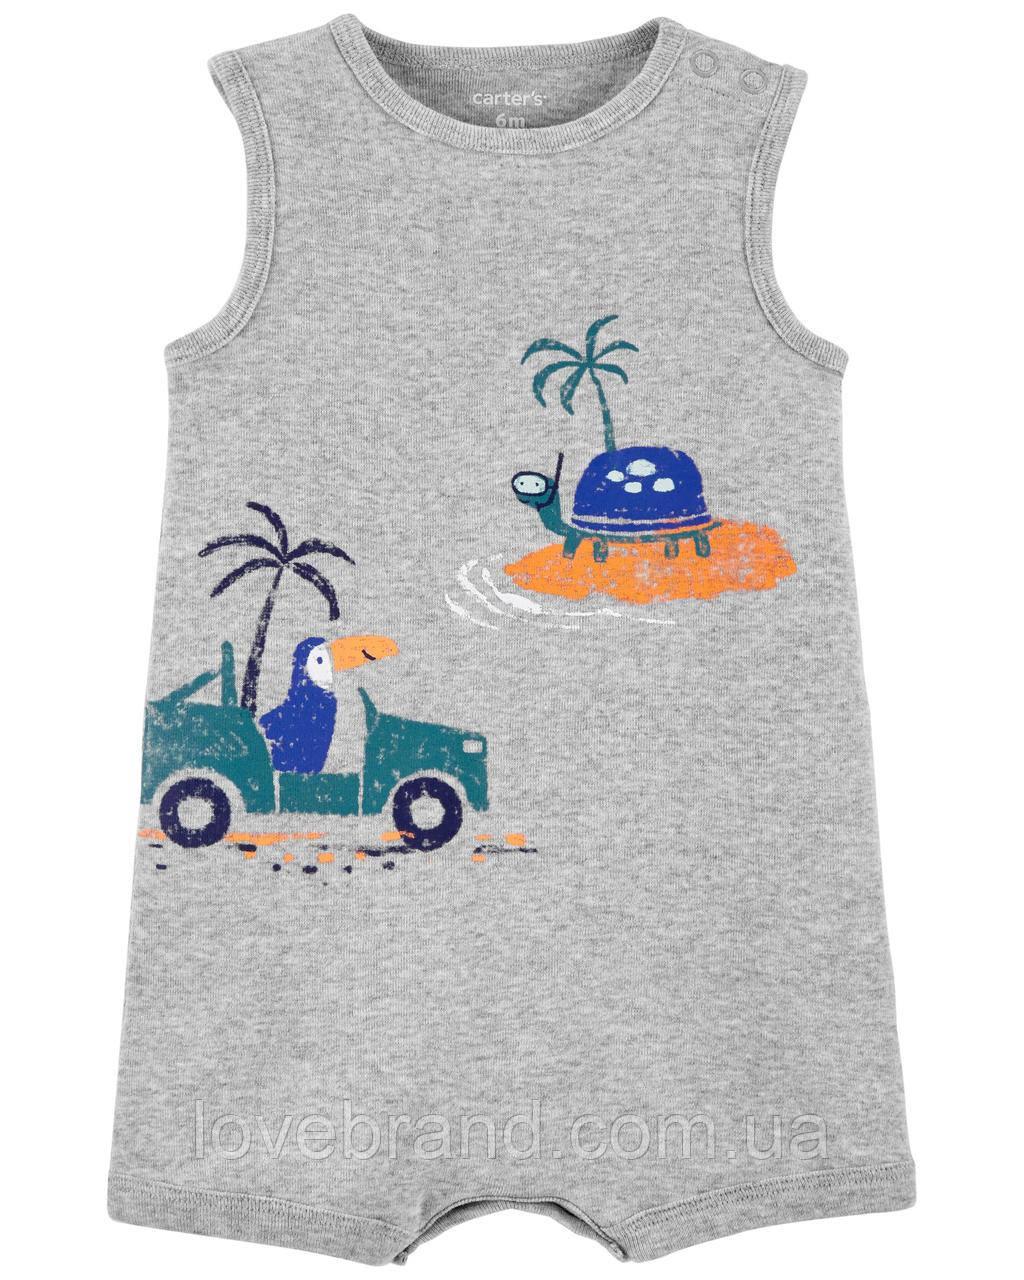 """Песочник картерс для мальчика """"Пляж"""" серый Carter's"""